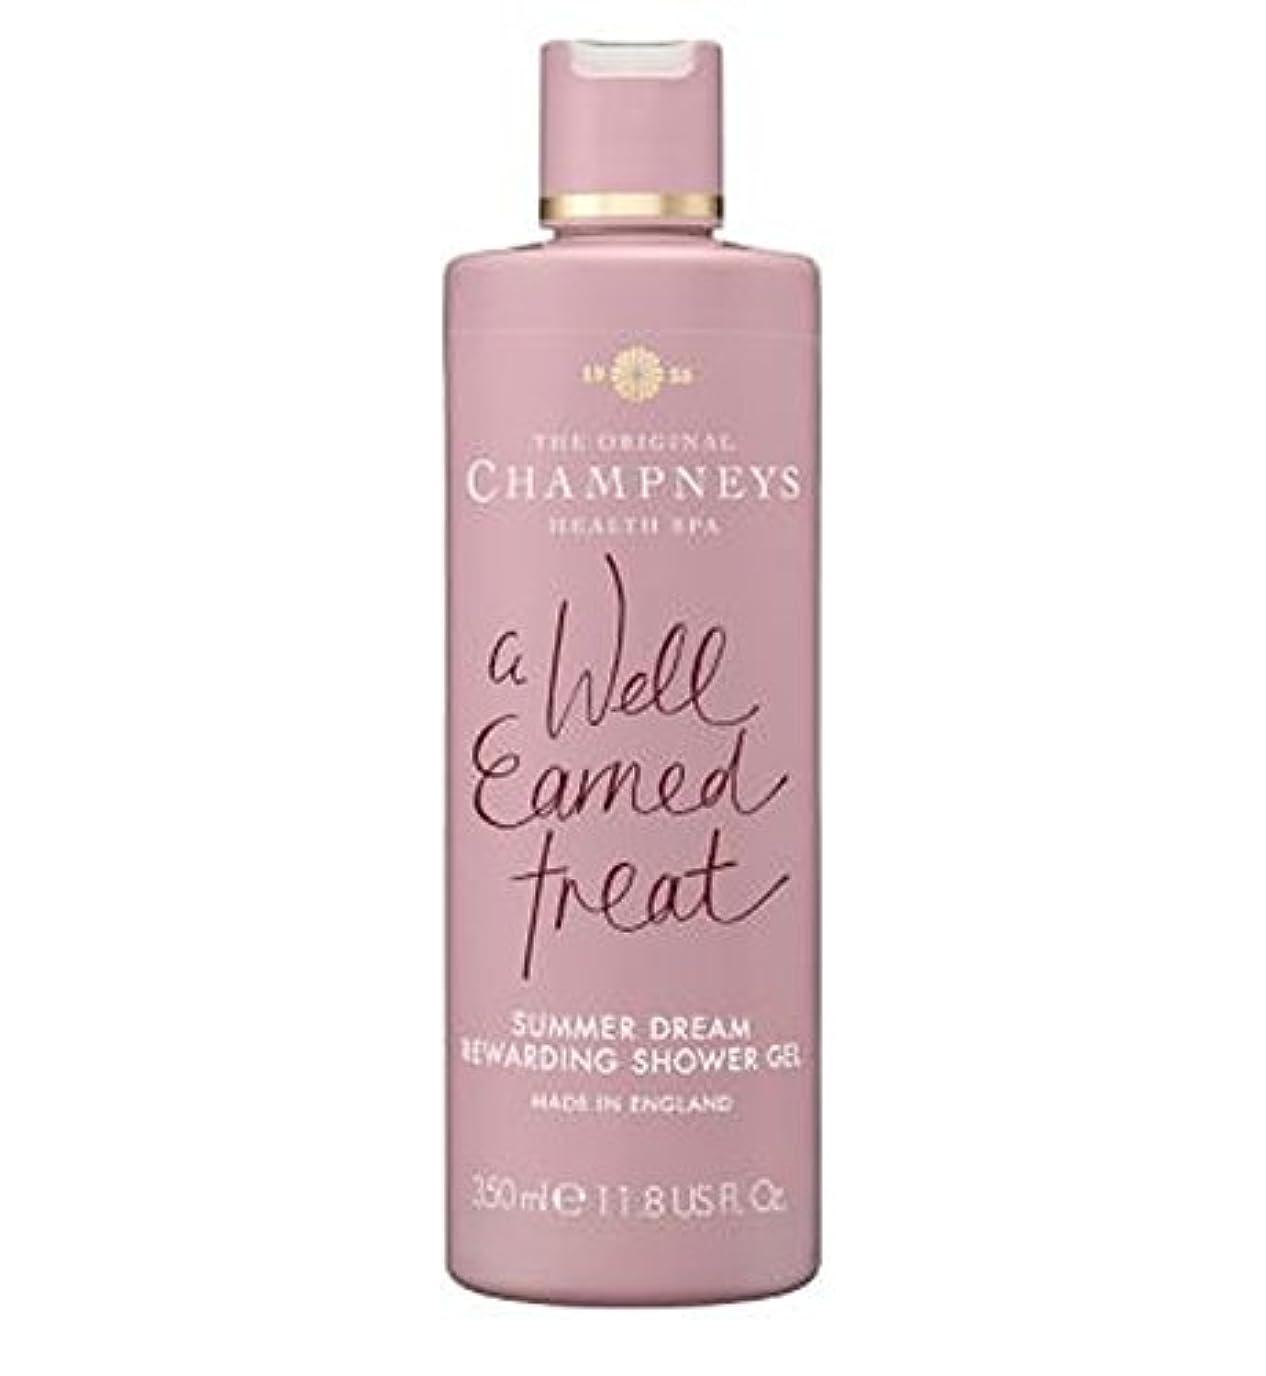 前兆先に対角線チャンプニーズの夏の夢やりがいのシャワージェル350ミリリットル (Champneys) (x2) - Champneys Summer Dream Rewarding Shower Gel 350ml (Pack of 2) [並行輸入品]